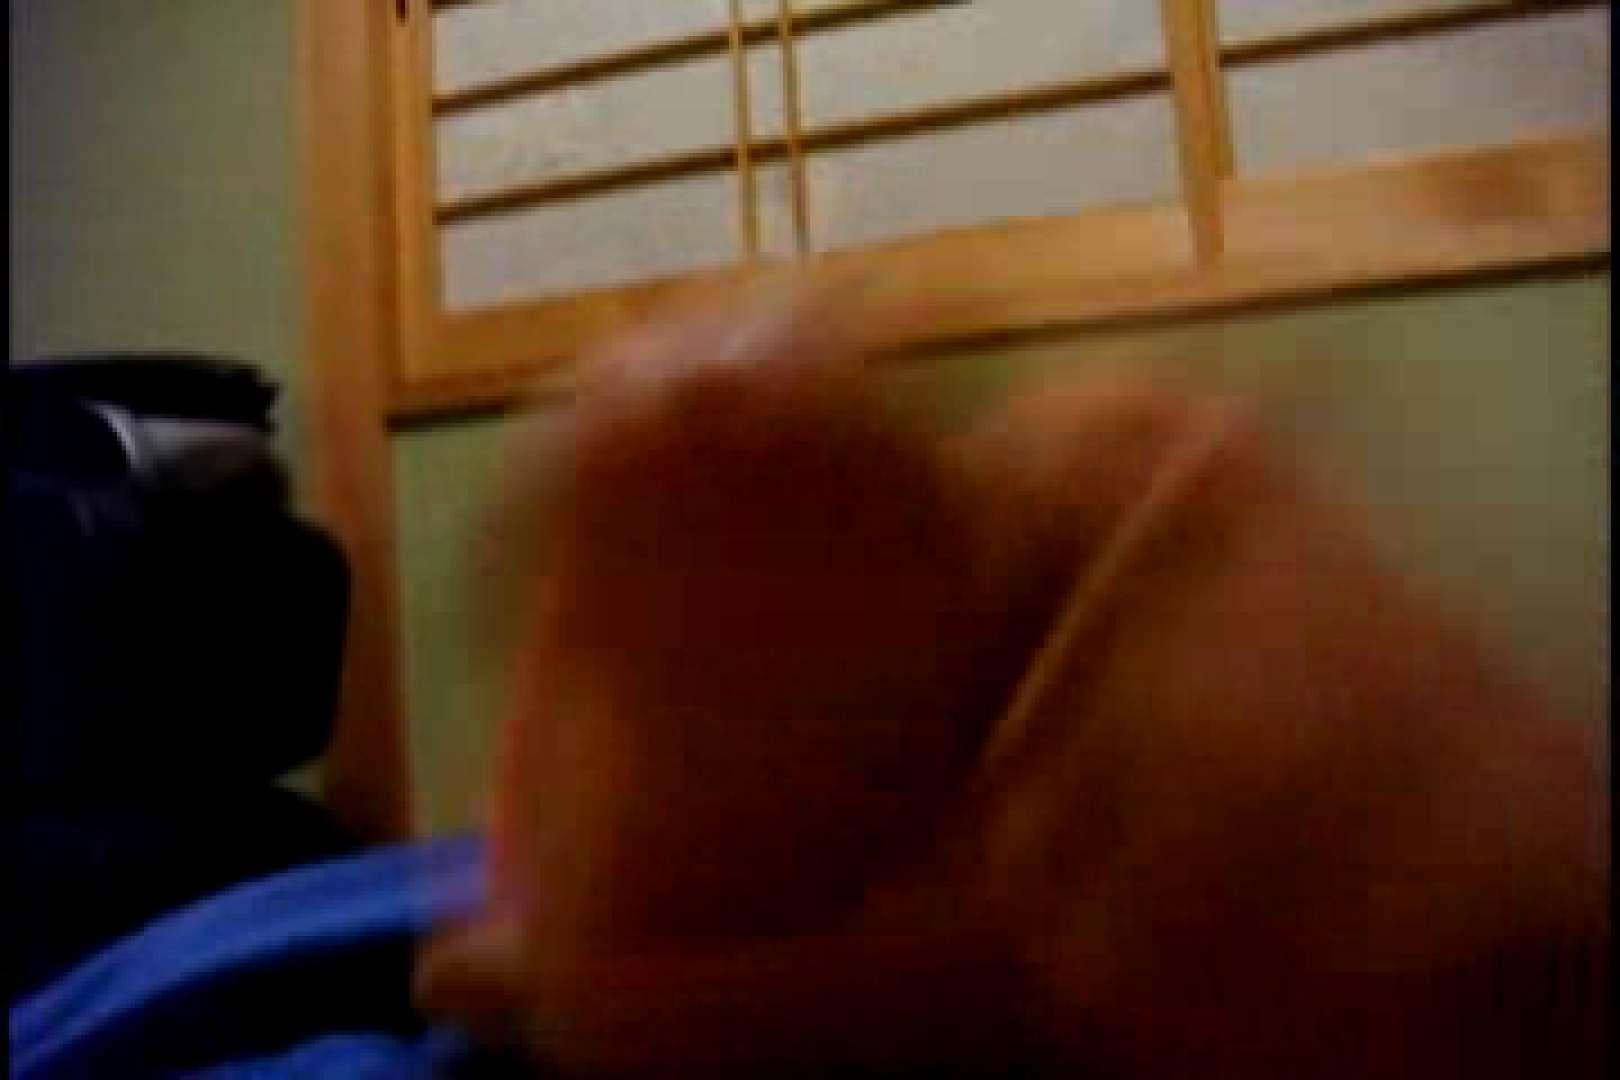 オナ好きノンケテニス部員の自画撮り投稿vol.02 射精 GAY無修正エロ動画 76枚 48